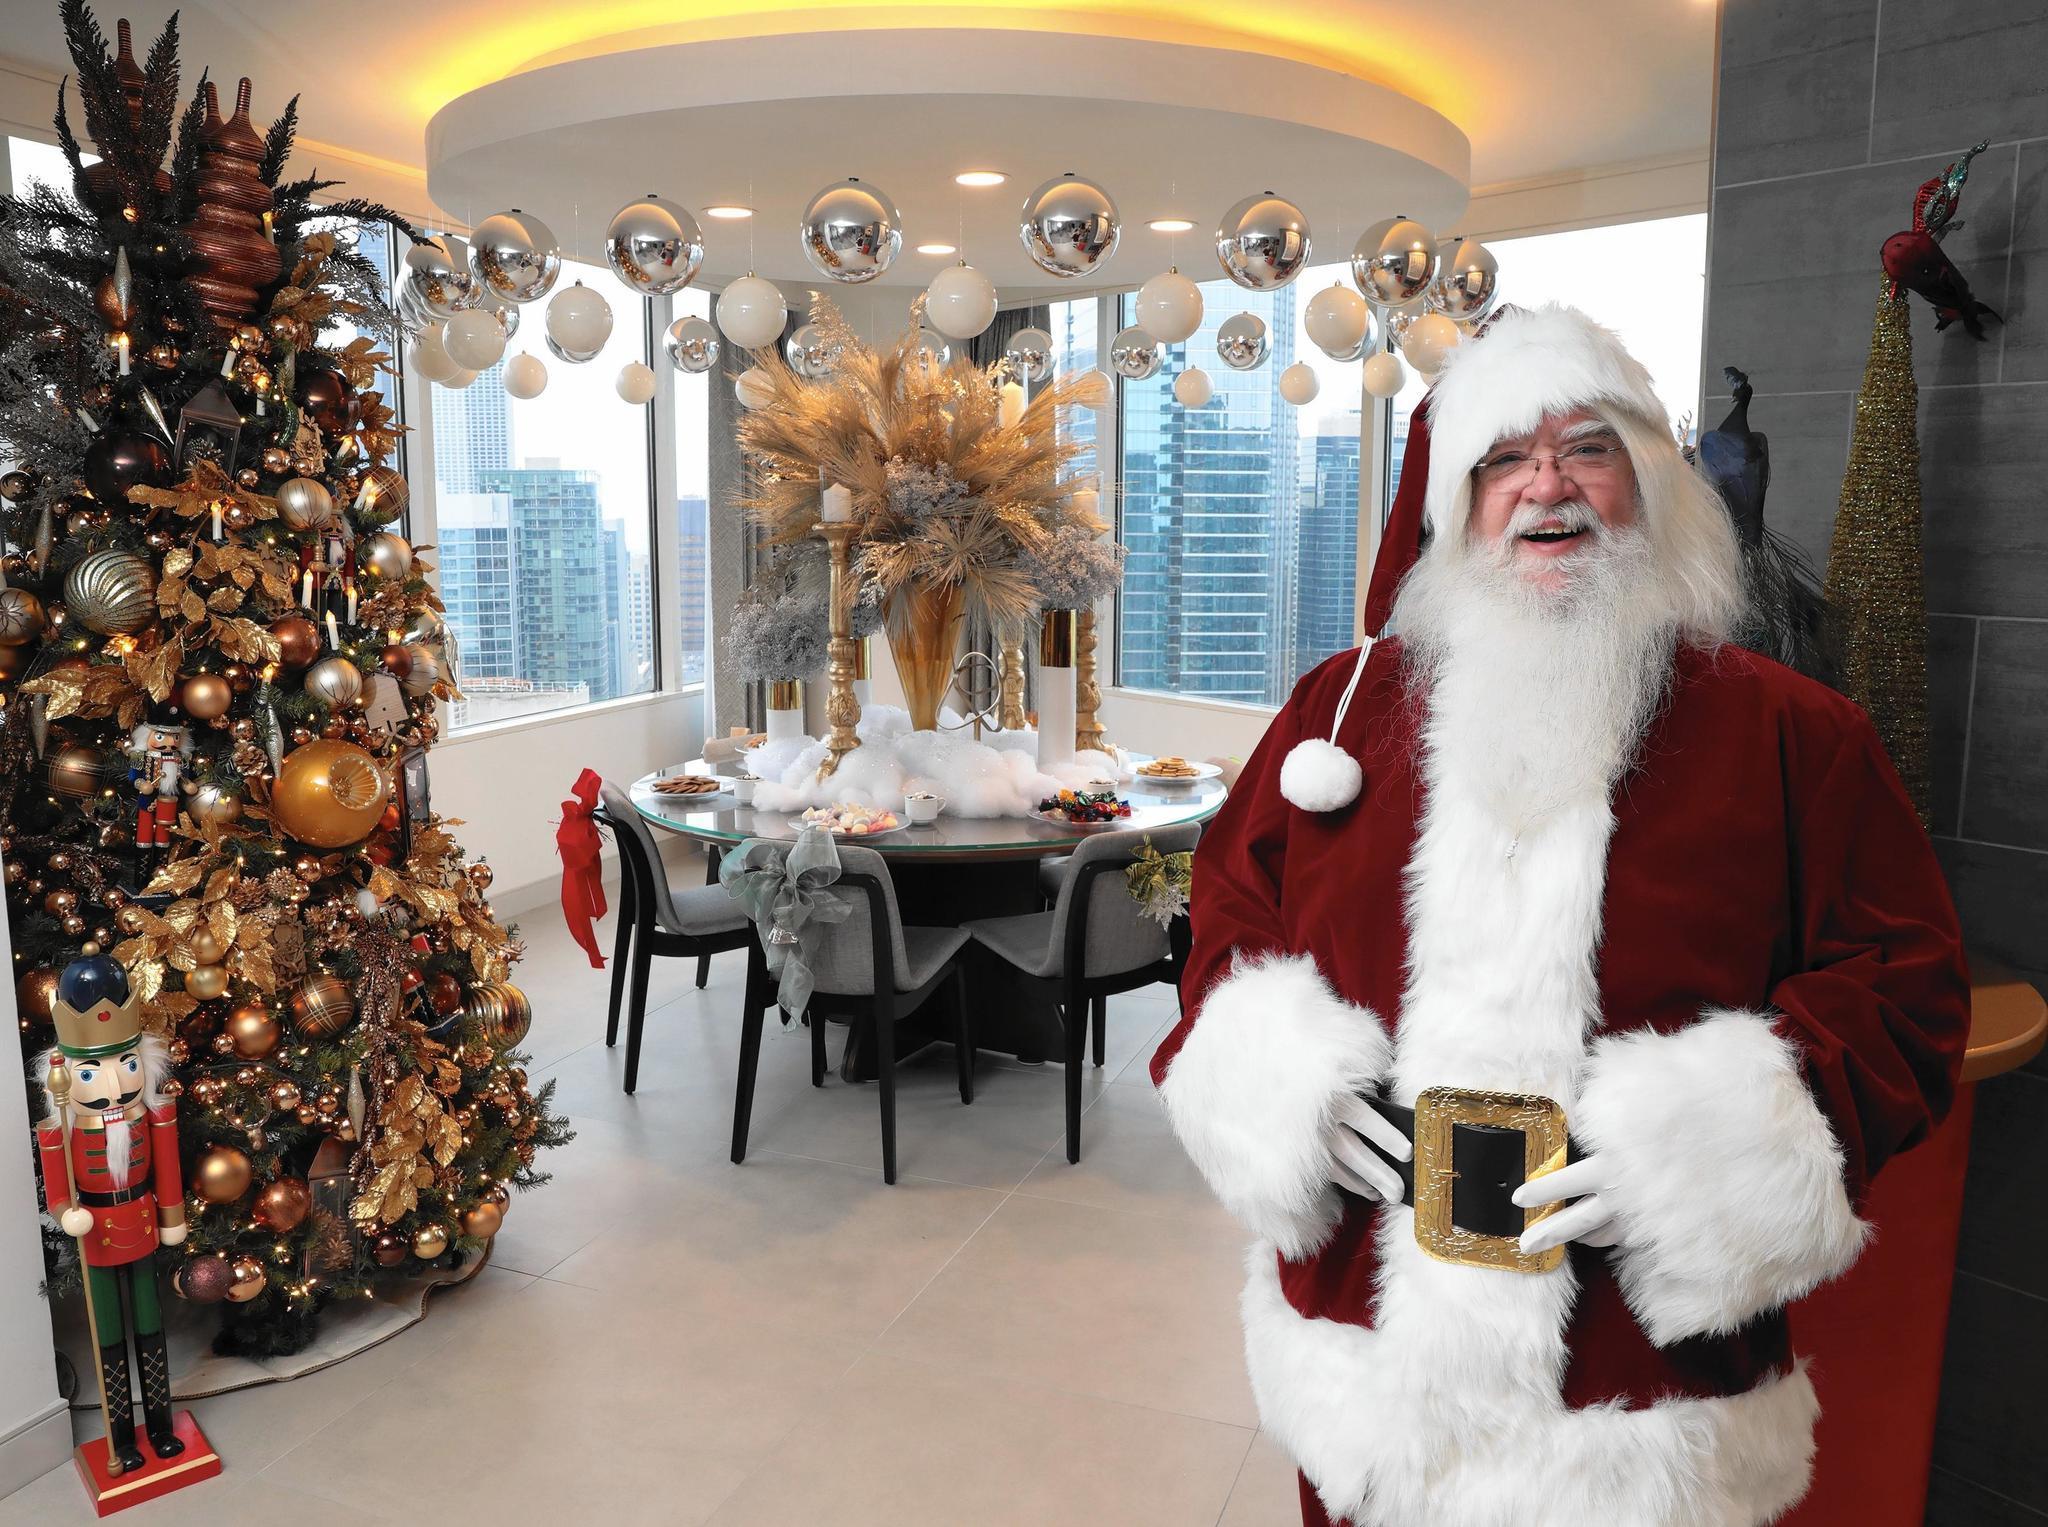 f93166e79e5 Swing by Santa s pad at the Swissotel